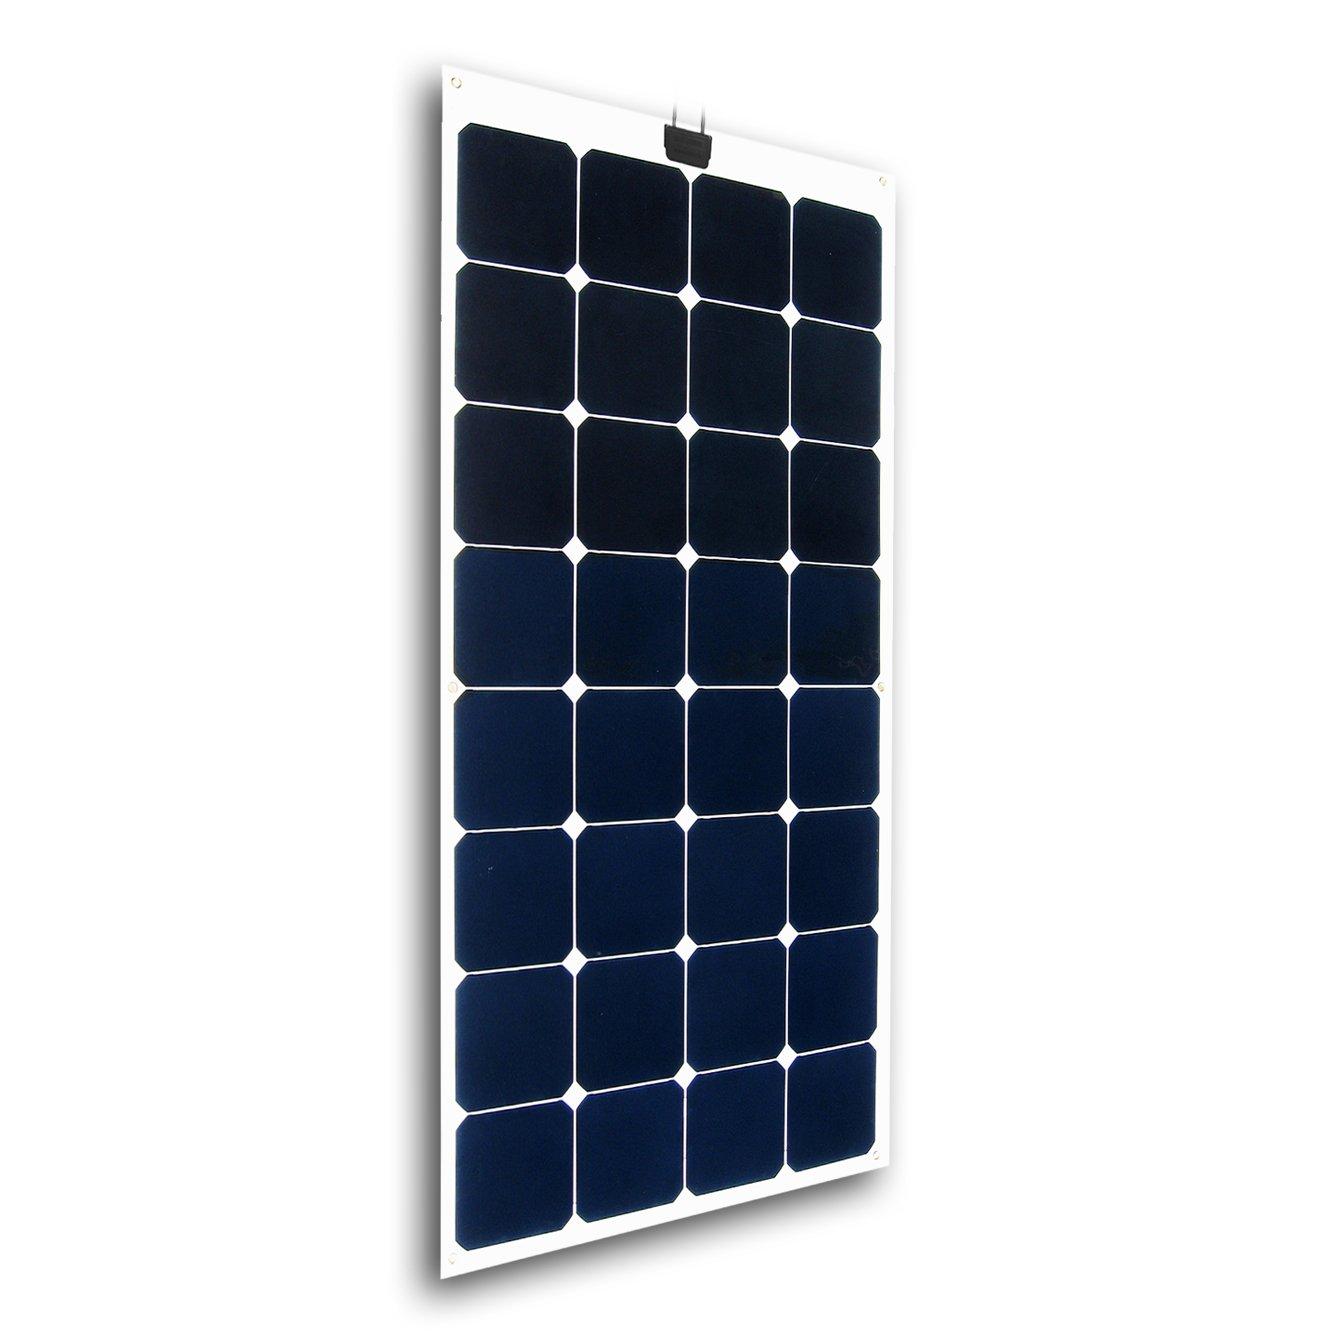 Cleversolar 810120SM Flexible Monokristalline Solarmodul, 100 W